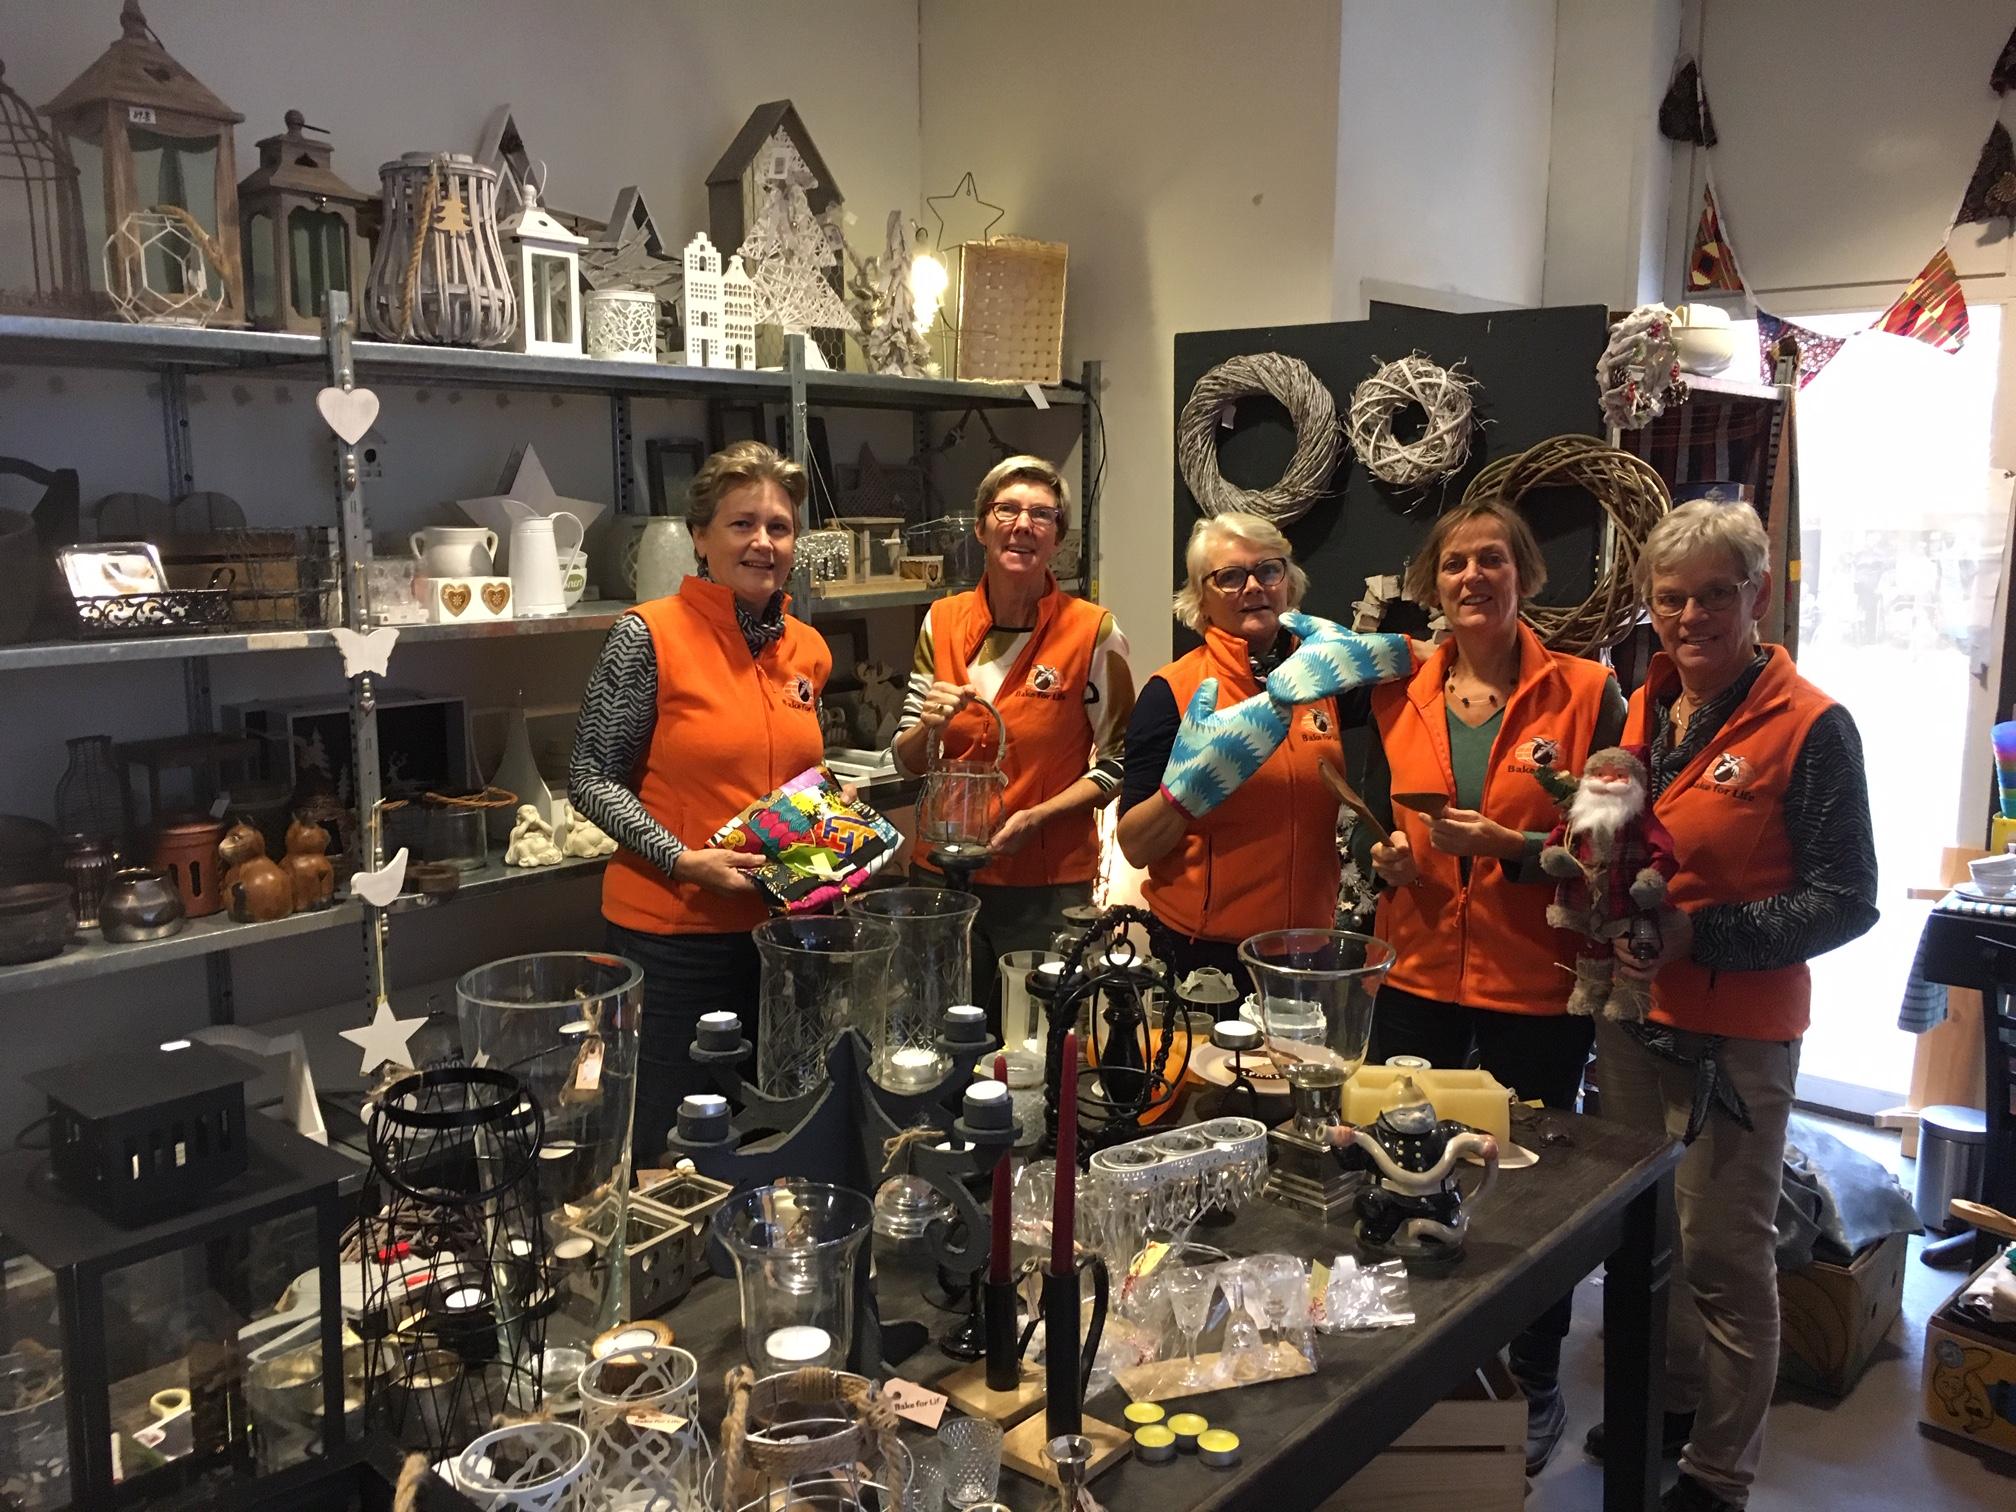 Vrijwilligers van de stichting Bake for Life zetten, middels verkoop van een grote diversiteit aan producten, zich in om kansarmen een toekomst te bieden. (Foto: aangeleverd)